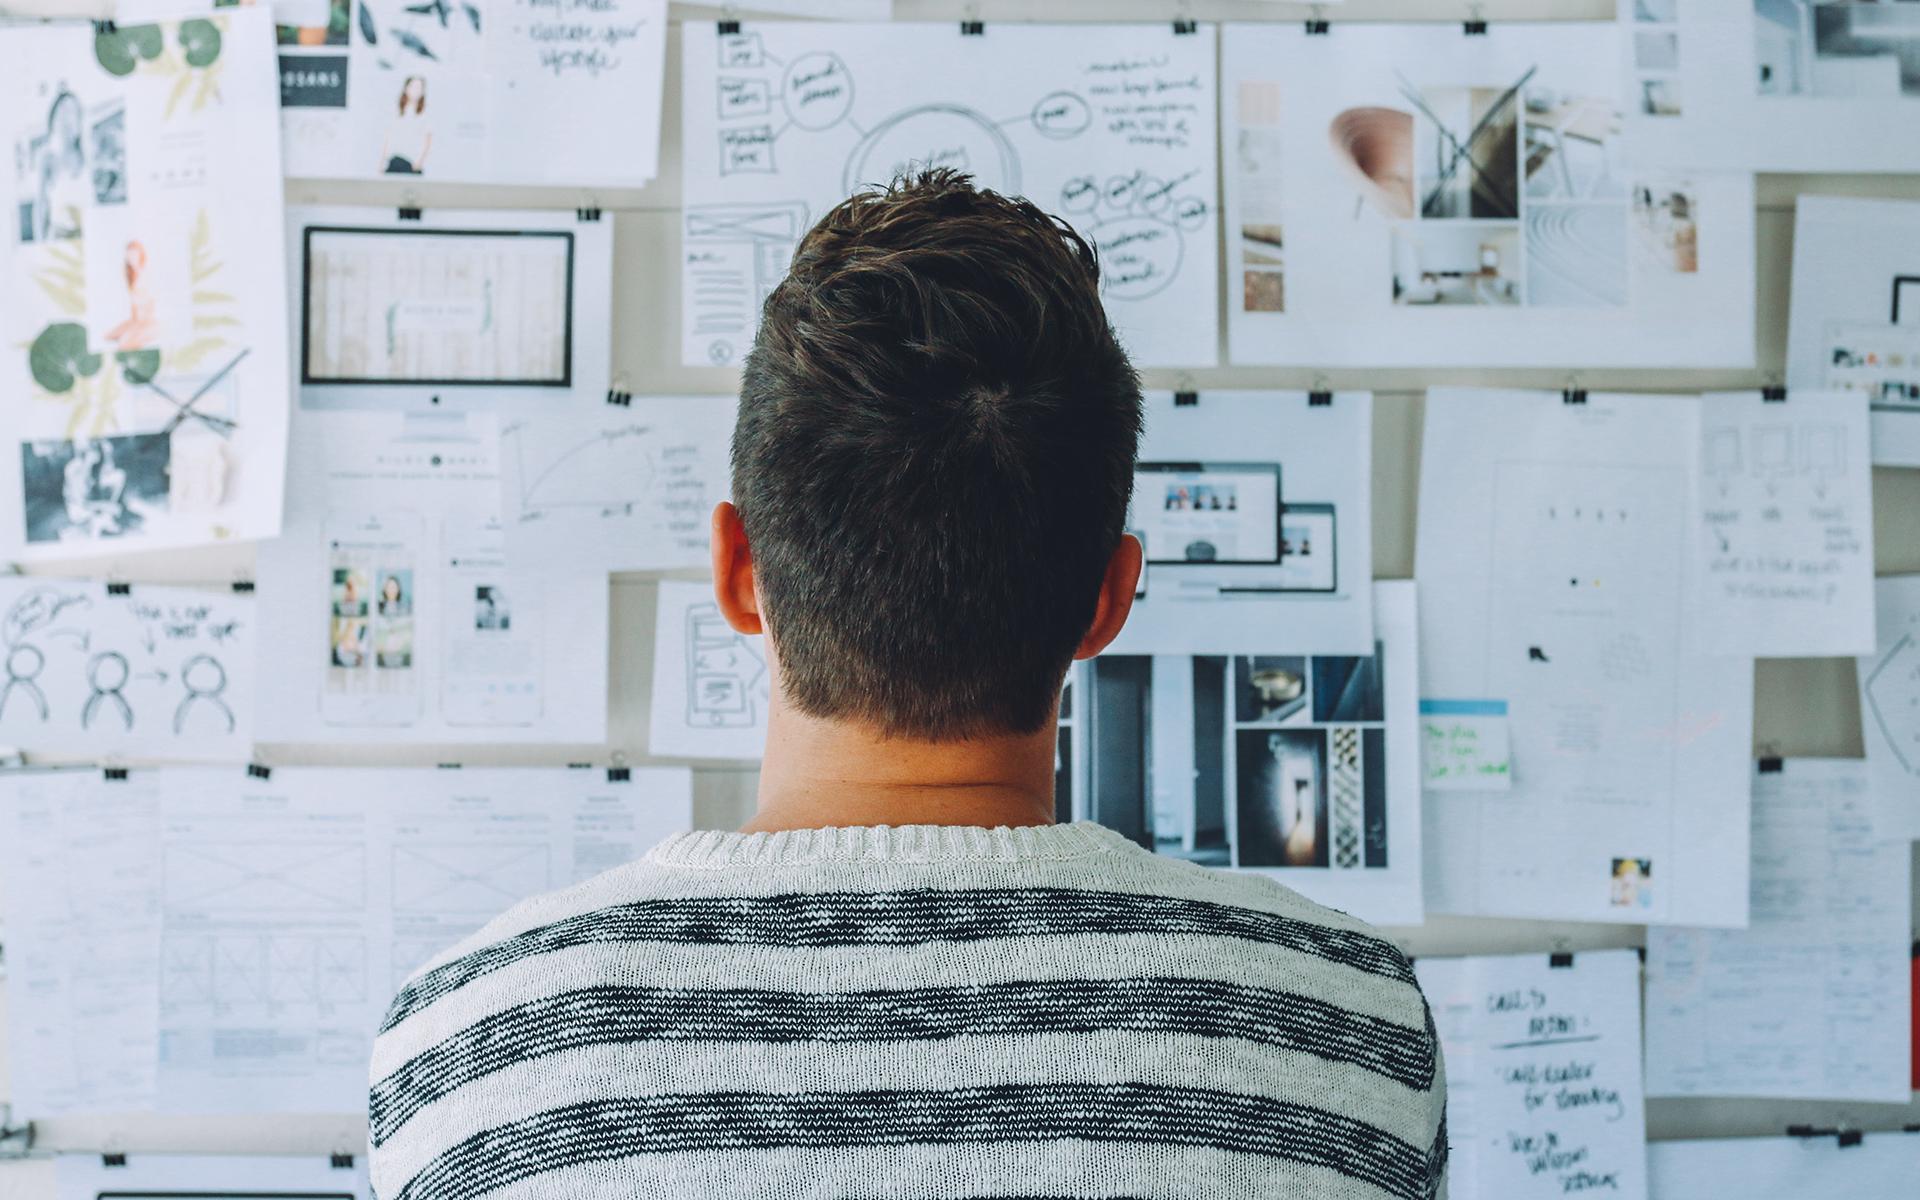 En la imagen se ve un hombre de espaldas mirando a una pizarra con muchas notas para planificación.